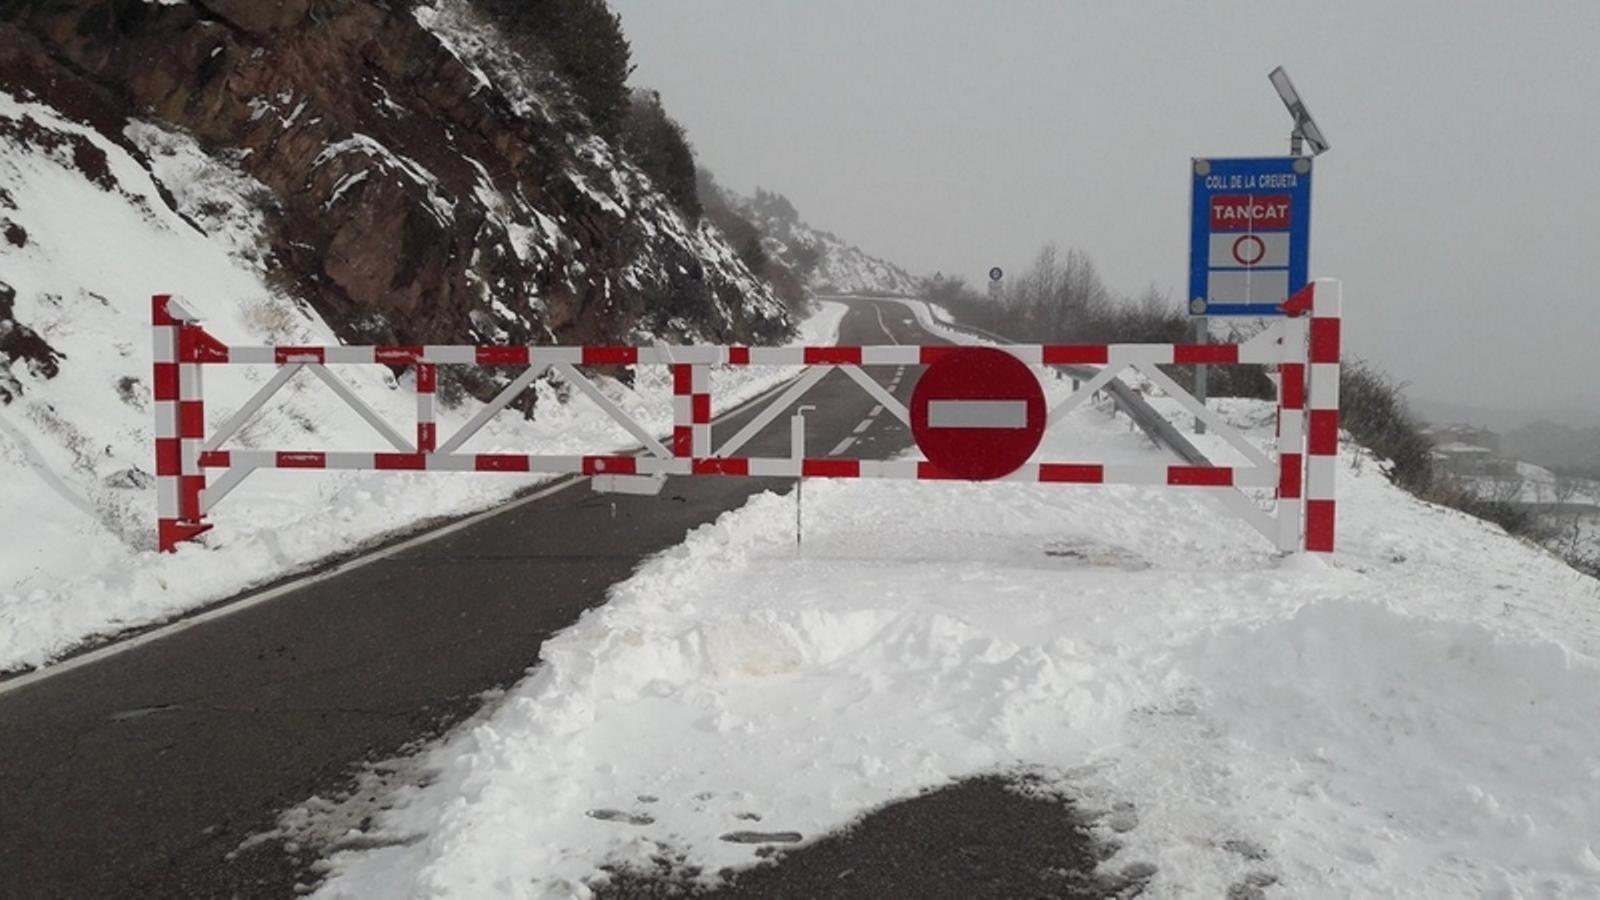 La nevada deixa gruixos importants al Pirineu i enfarina altres indrets